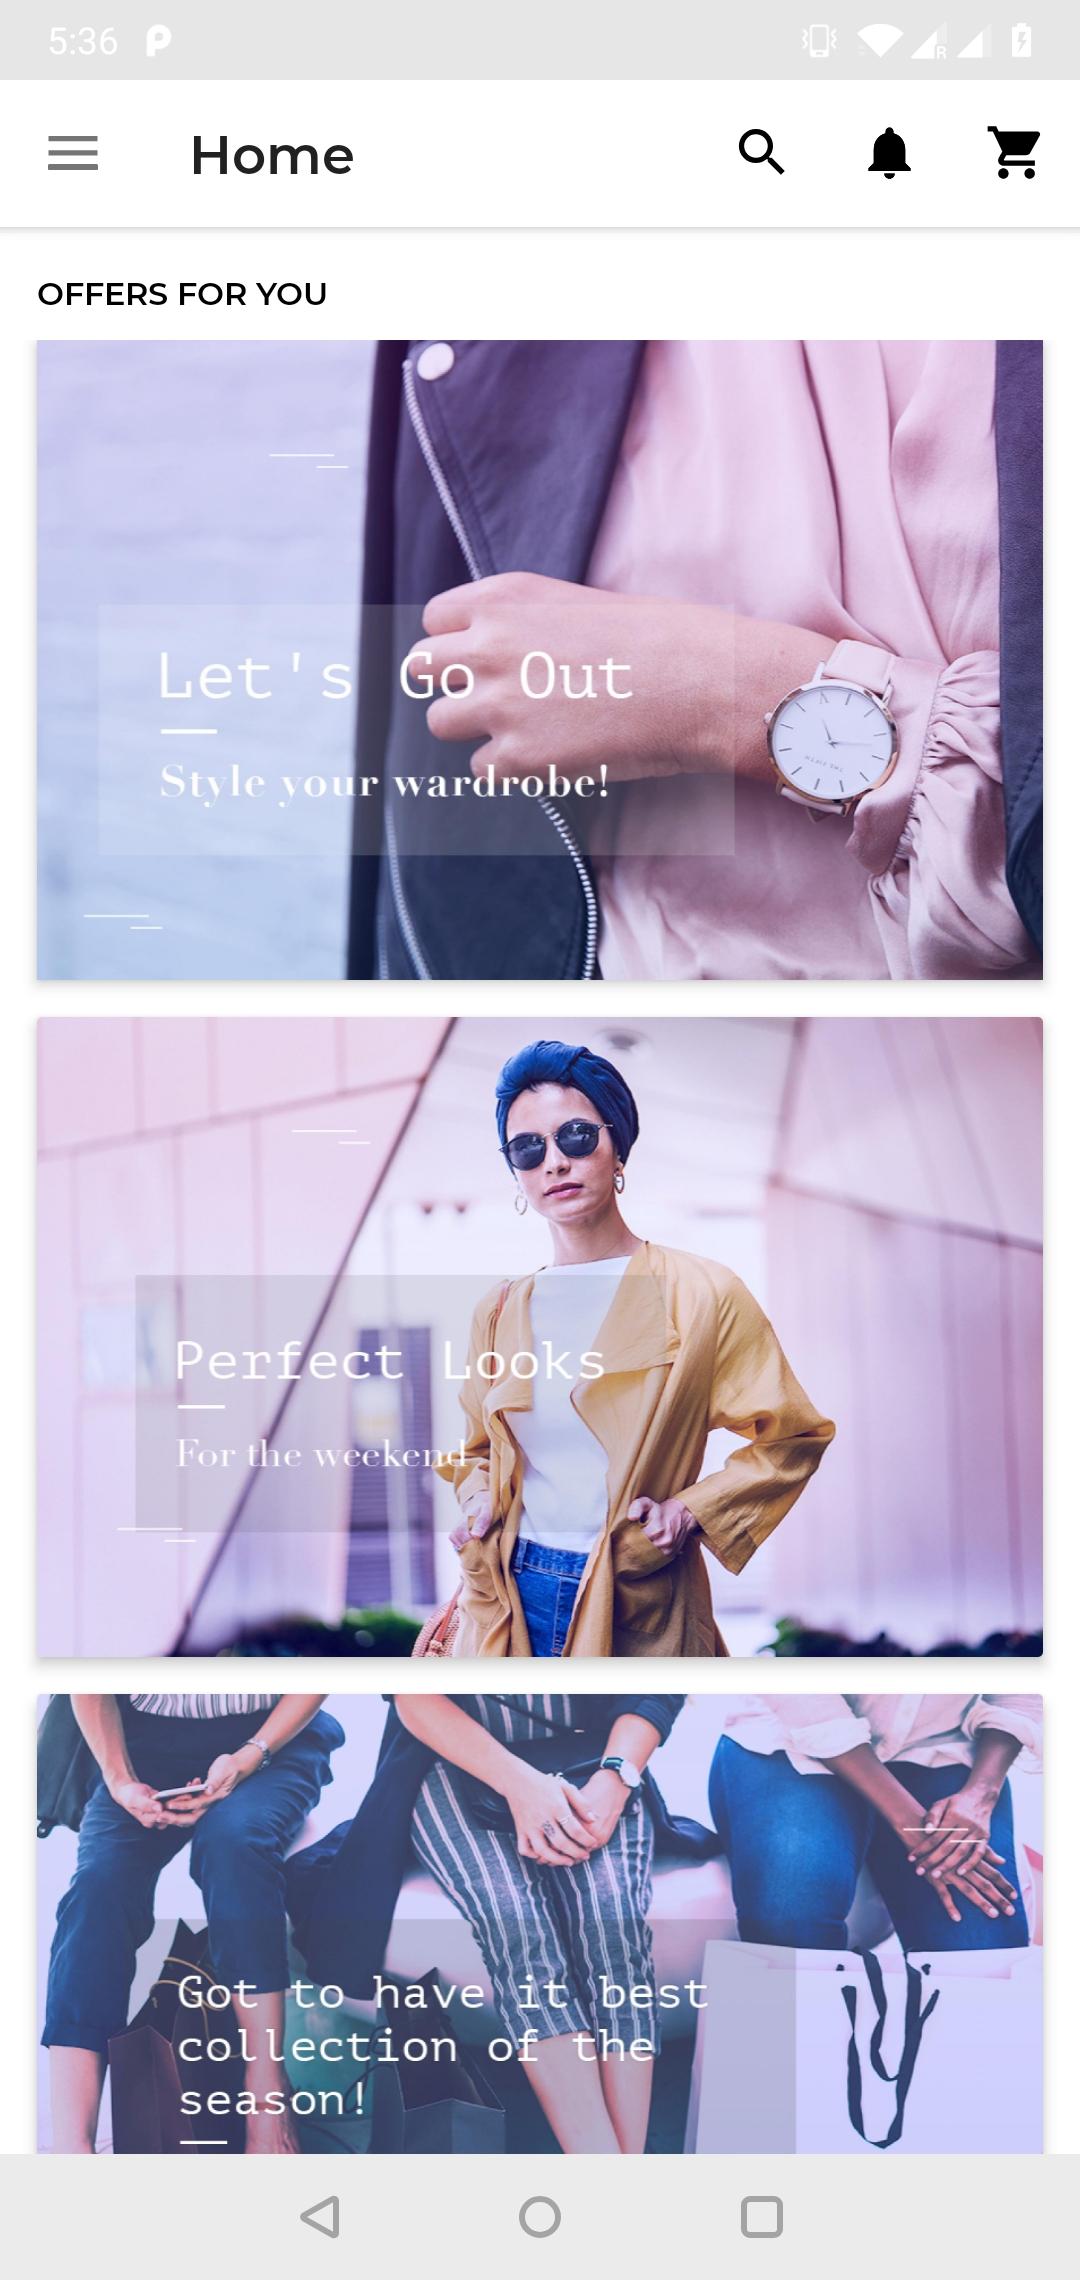 homepage_offersforyou